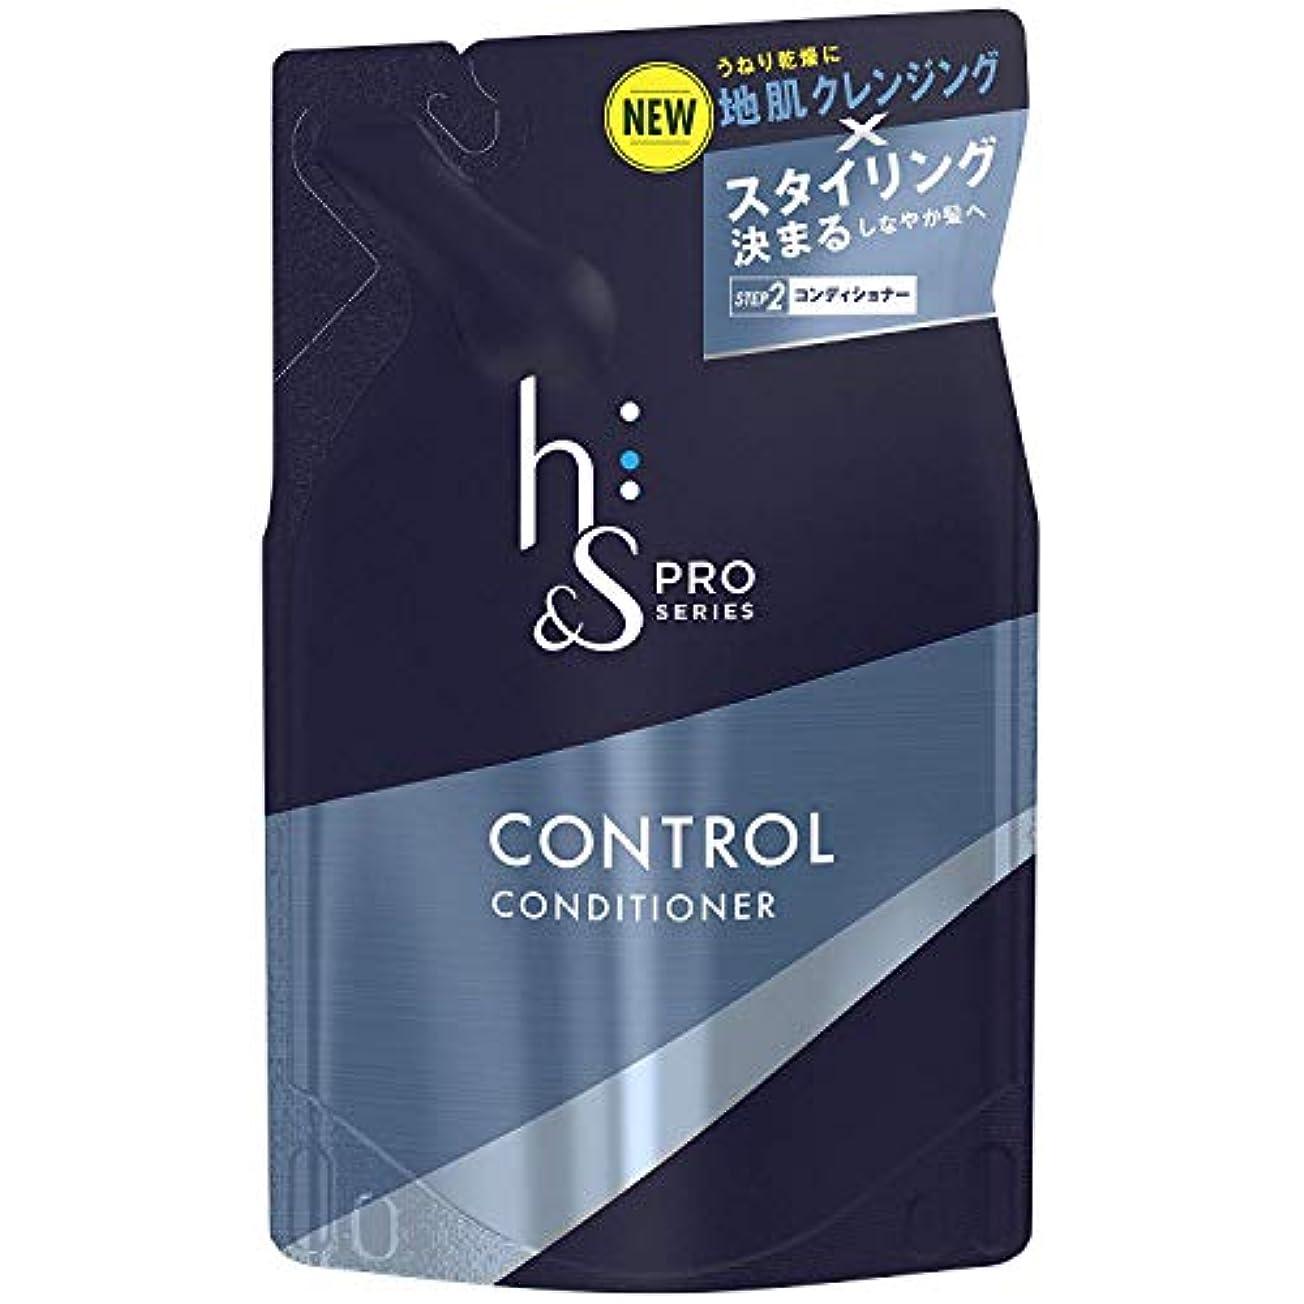 はさみサリーバンド【3個セット】h&s PRO (エイチアンドエス プロ) メンズ コンディショナー コントロール 詰め替え (スタイリング重視) 300g